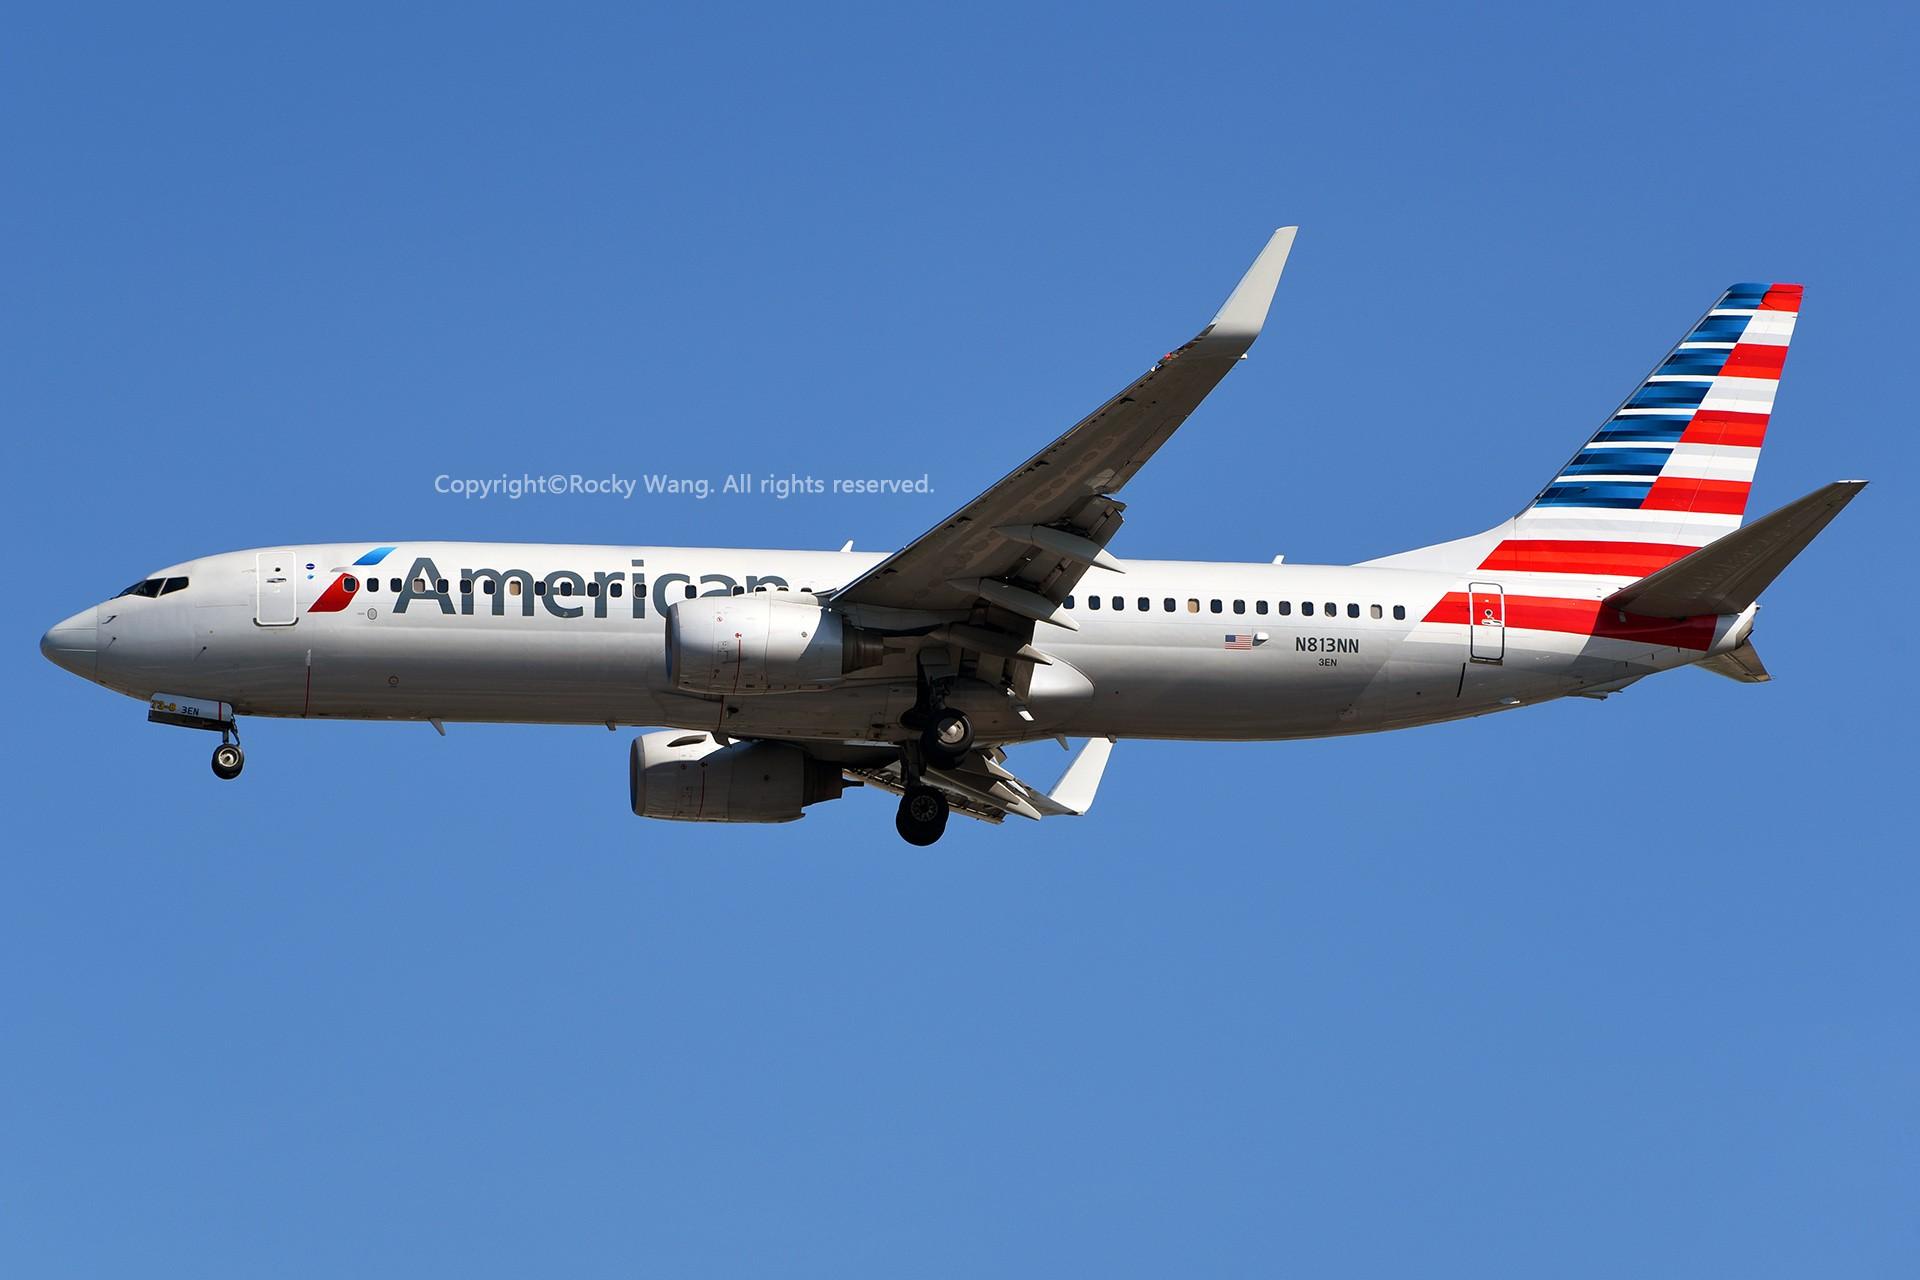 Re:[原创]窄体连连看 BOEING 737-823 N813NN 美国迈阿密机场